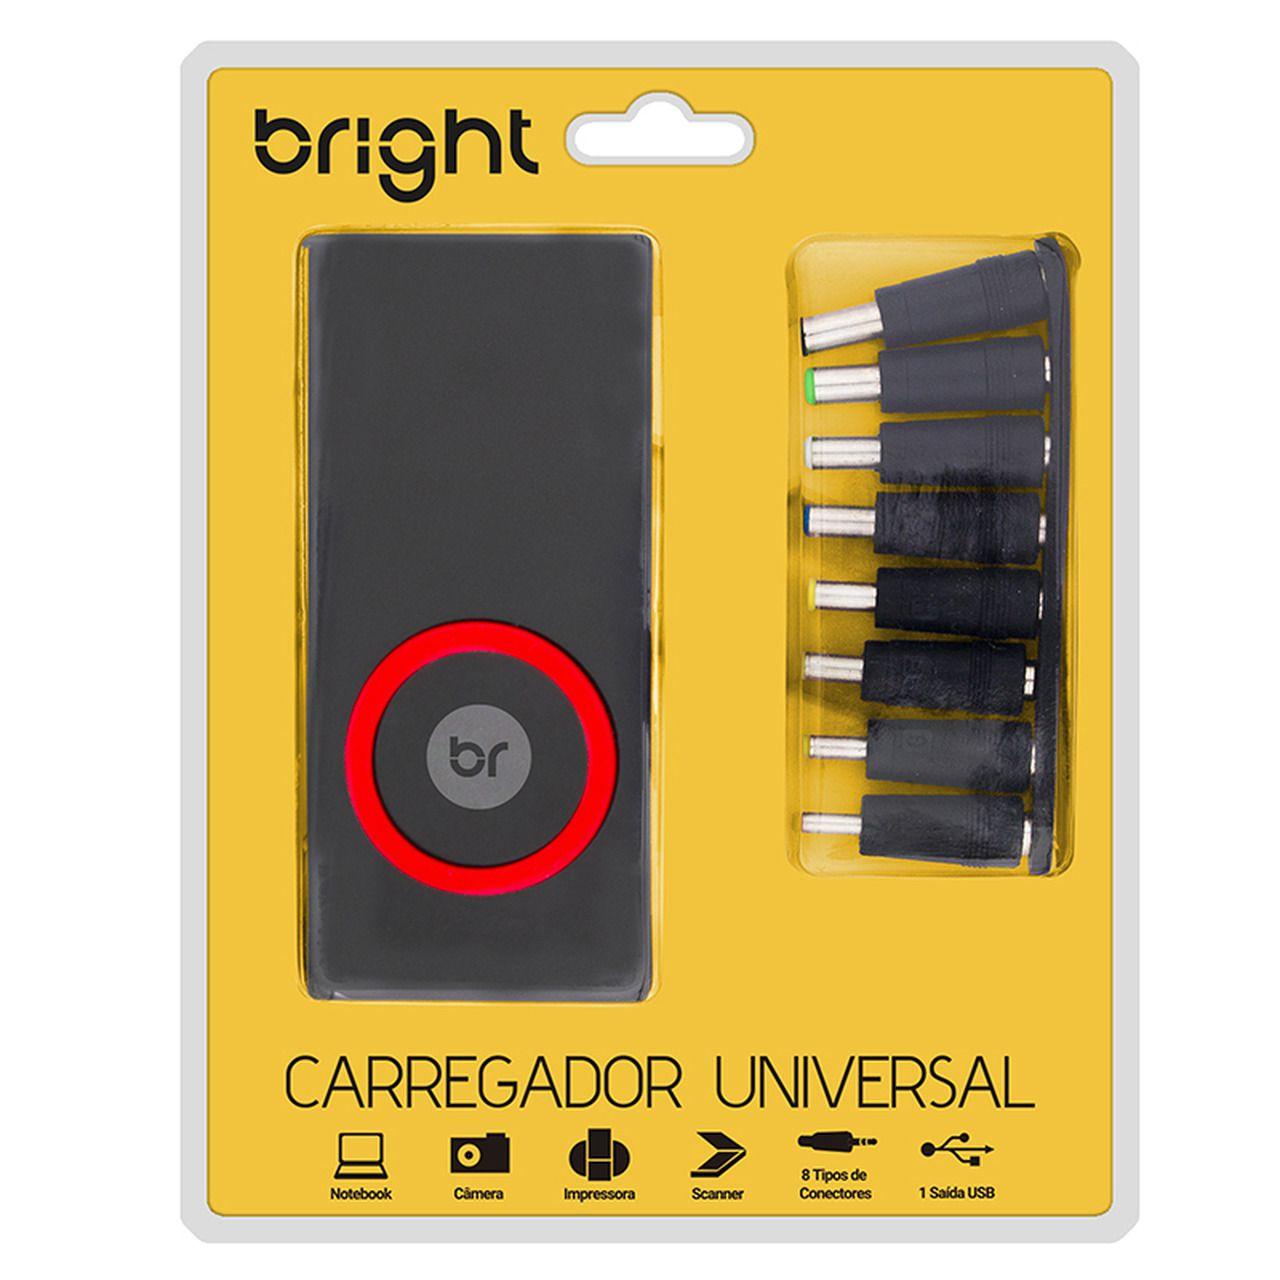 Carregador Universal, 8 conectores, 1 saída USB, com chave seletora de voltagem 167 - Bright